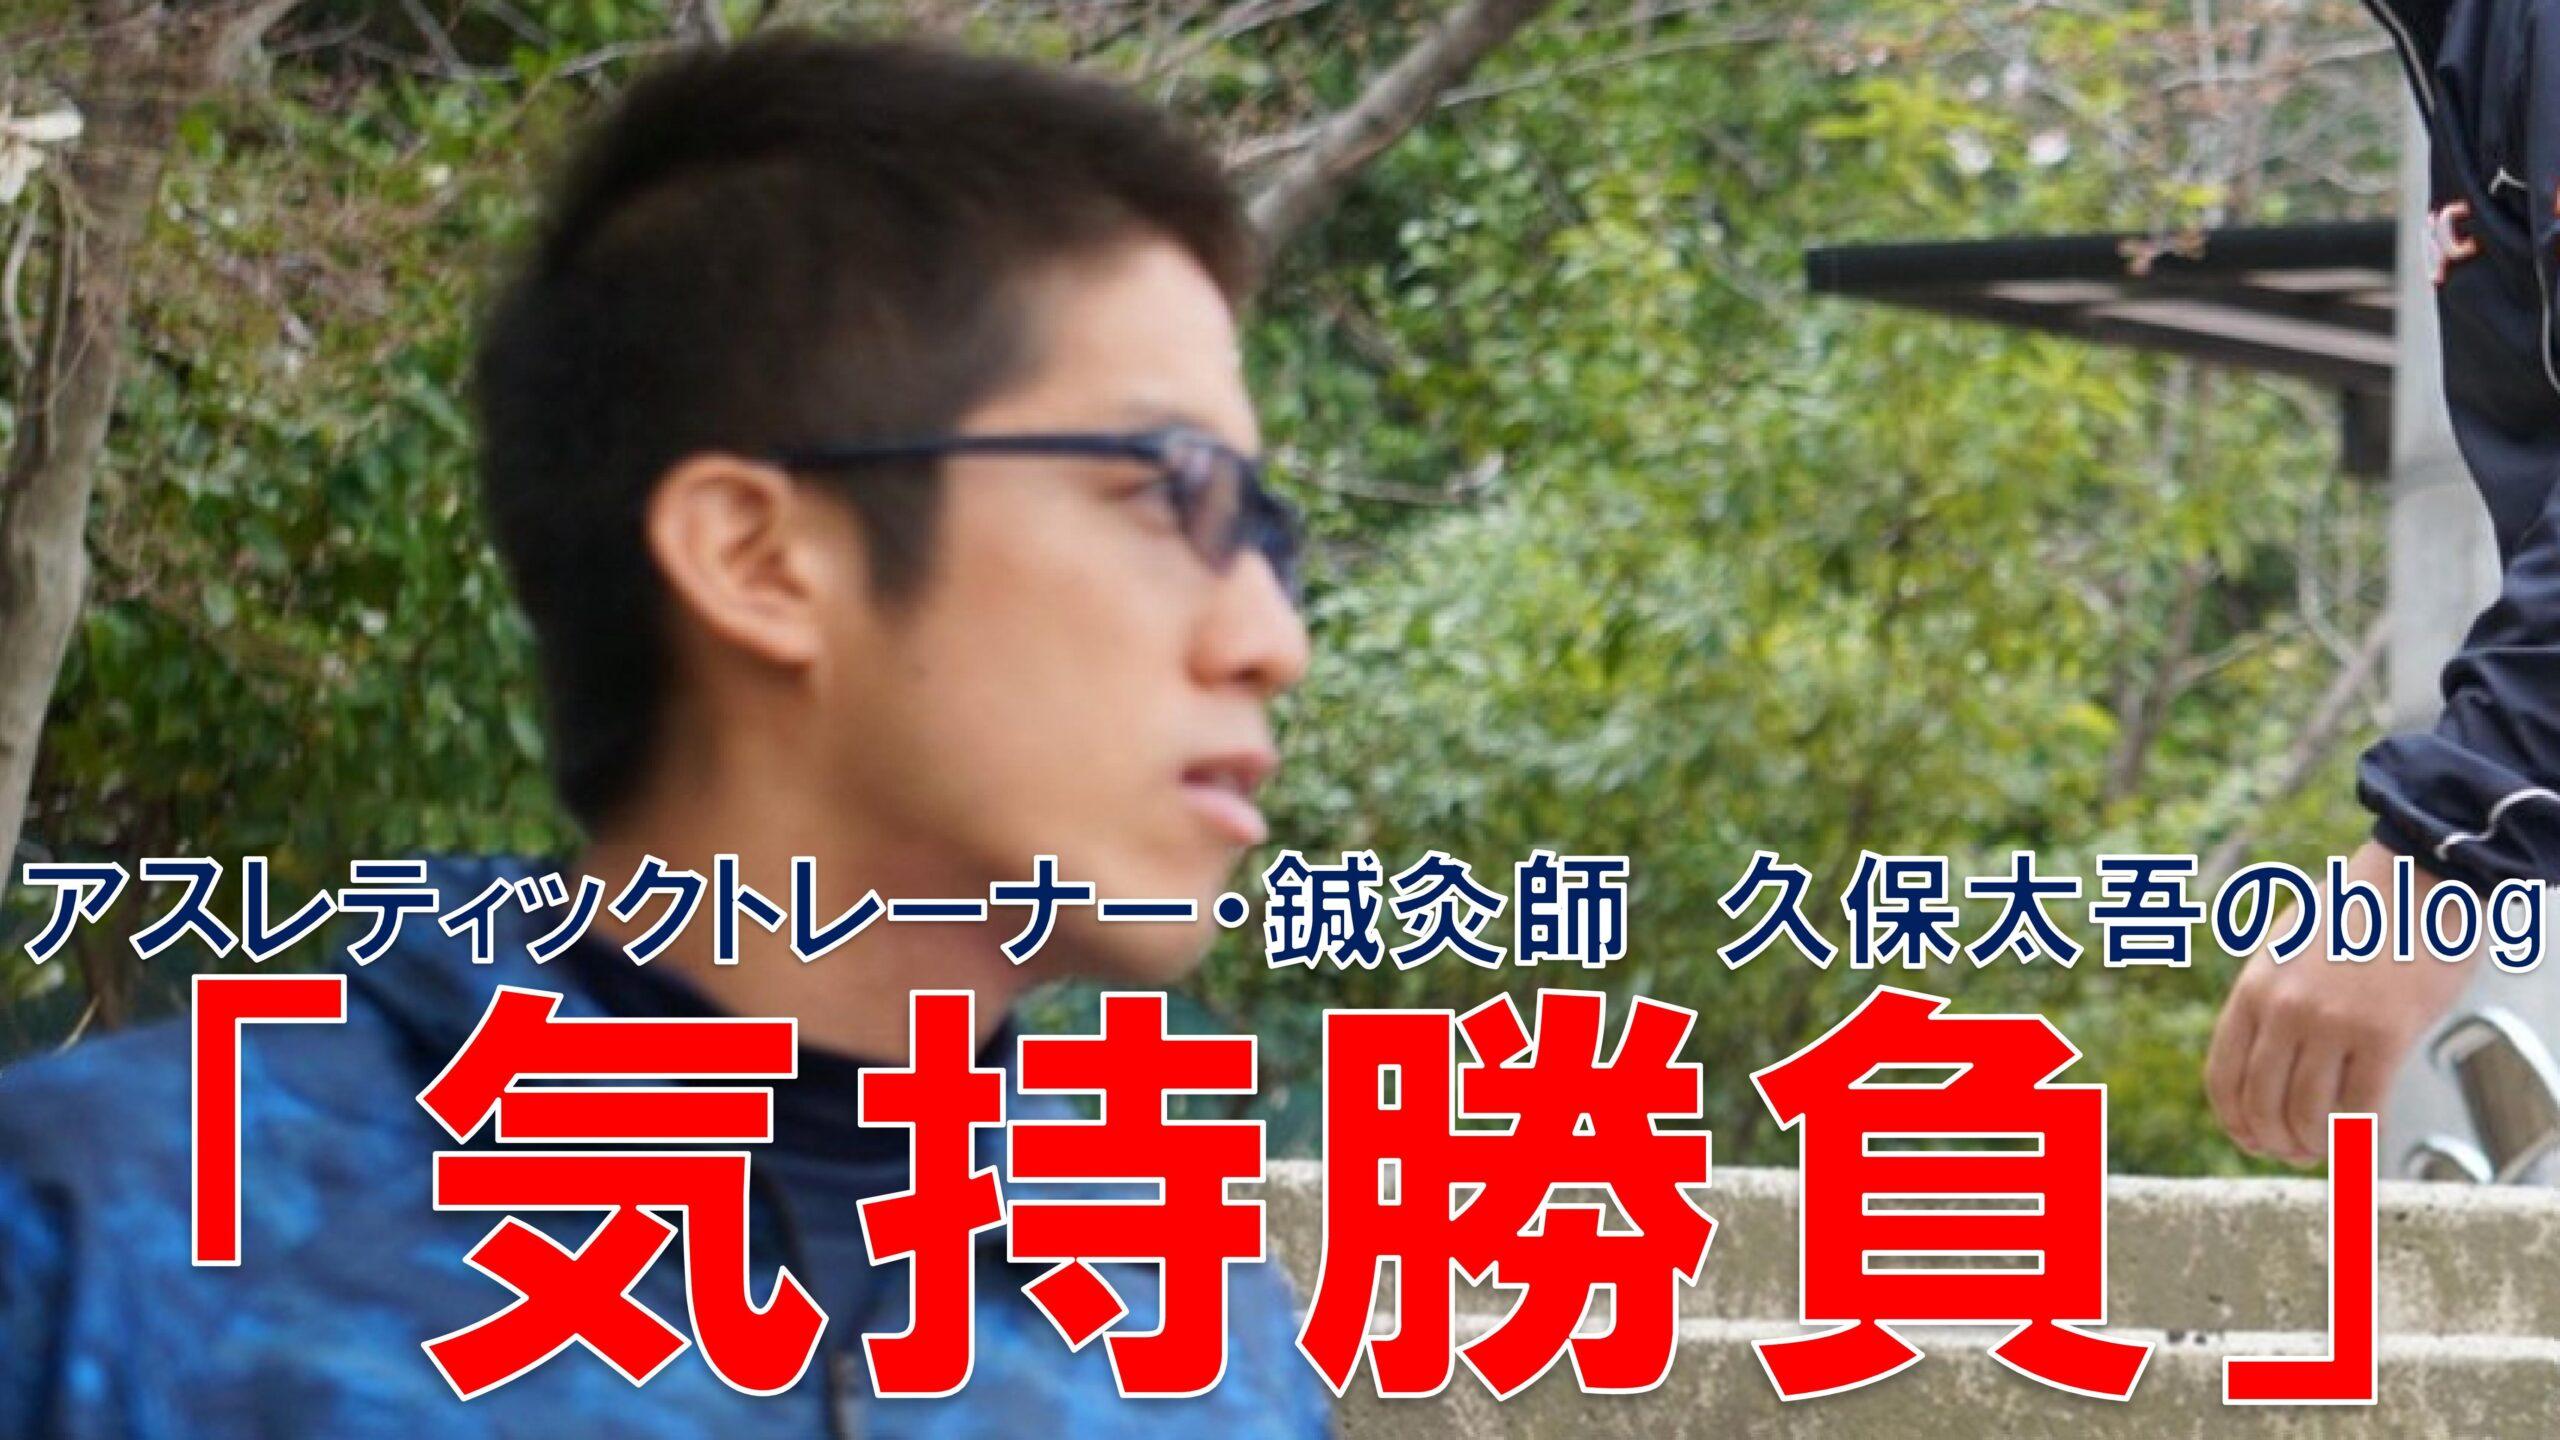 久保太吾(アスレティックトレーナー・鍼灸師)のブログ「気持勝負」